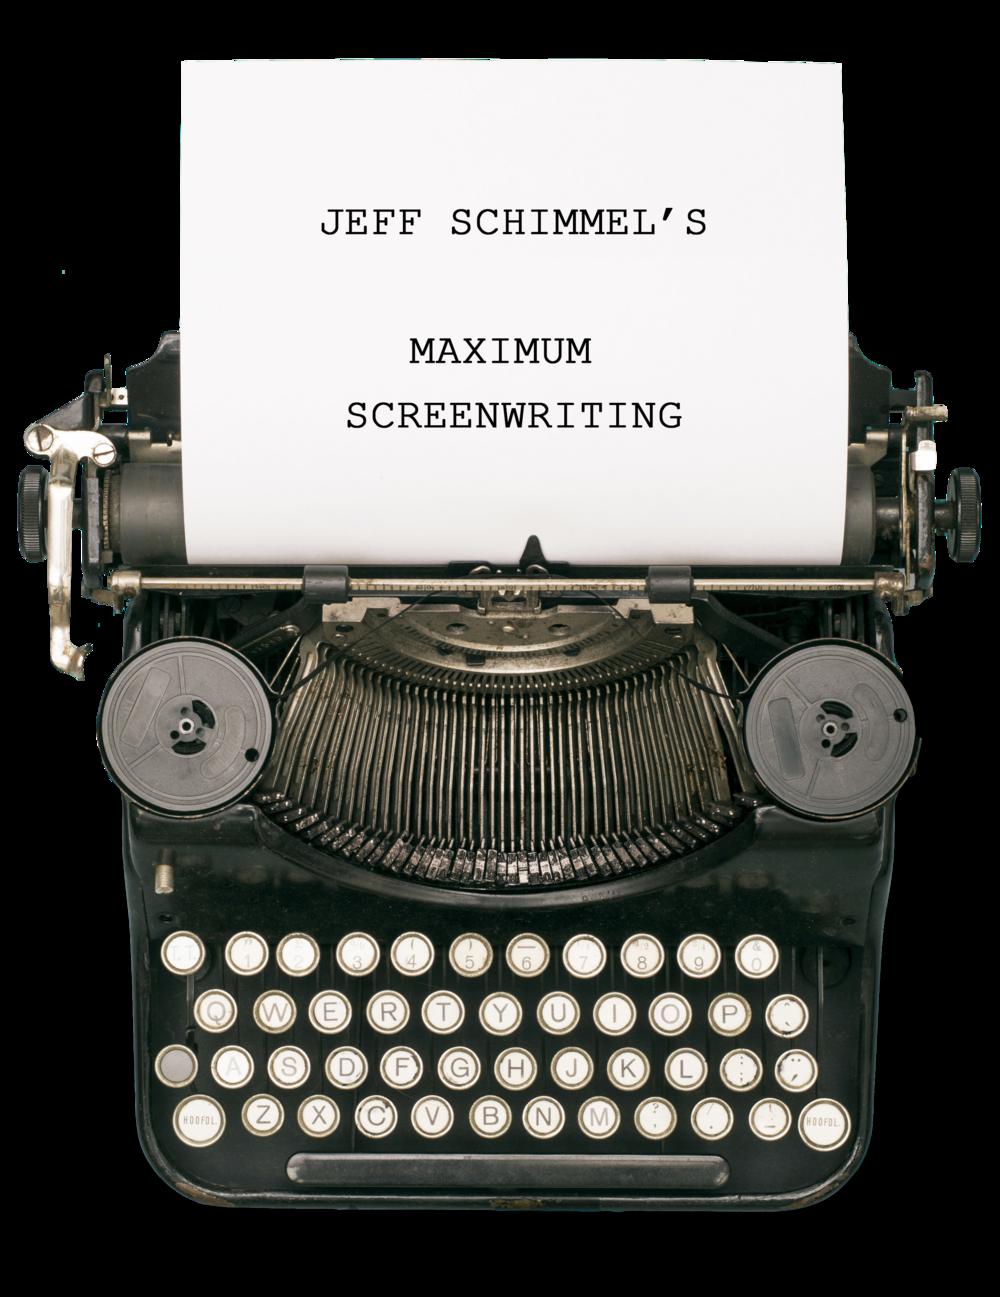 Jeff-Schimmel-Maximum-Screenwriting-Typewriter.png